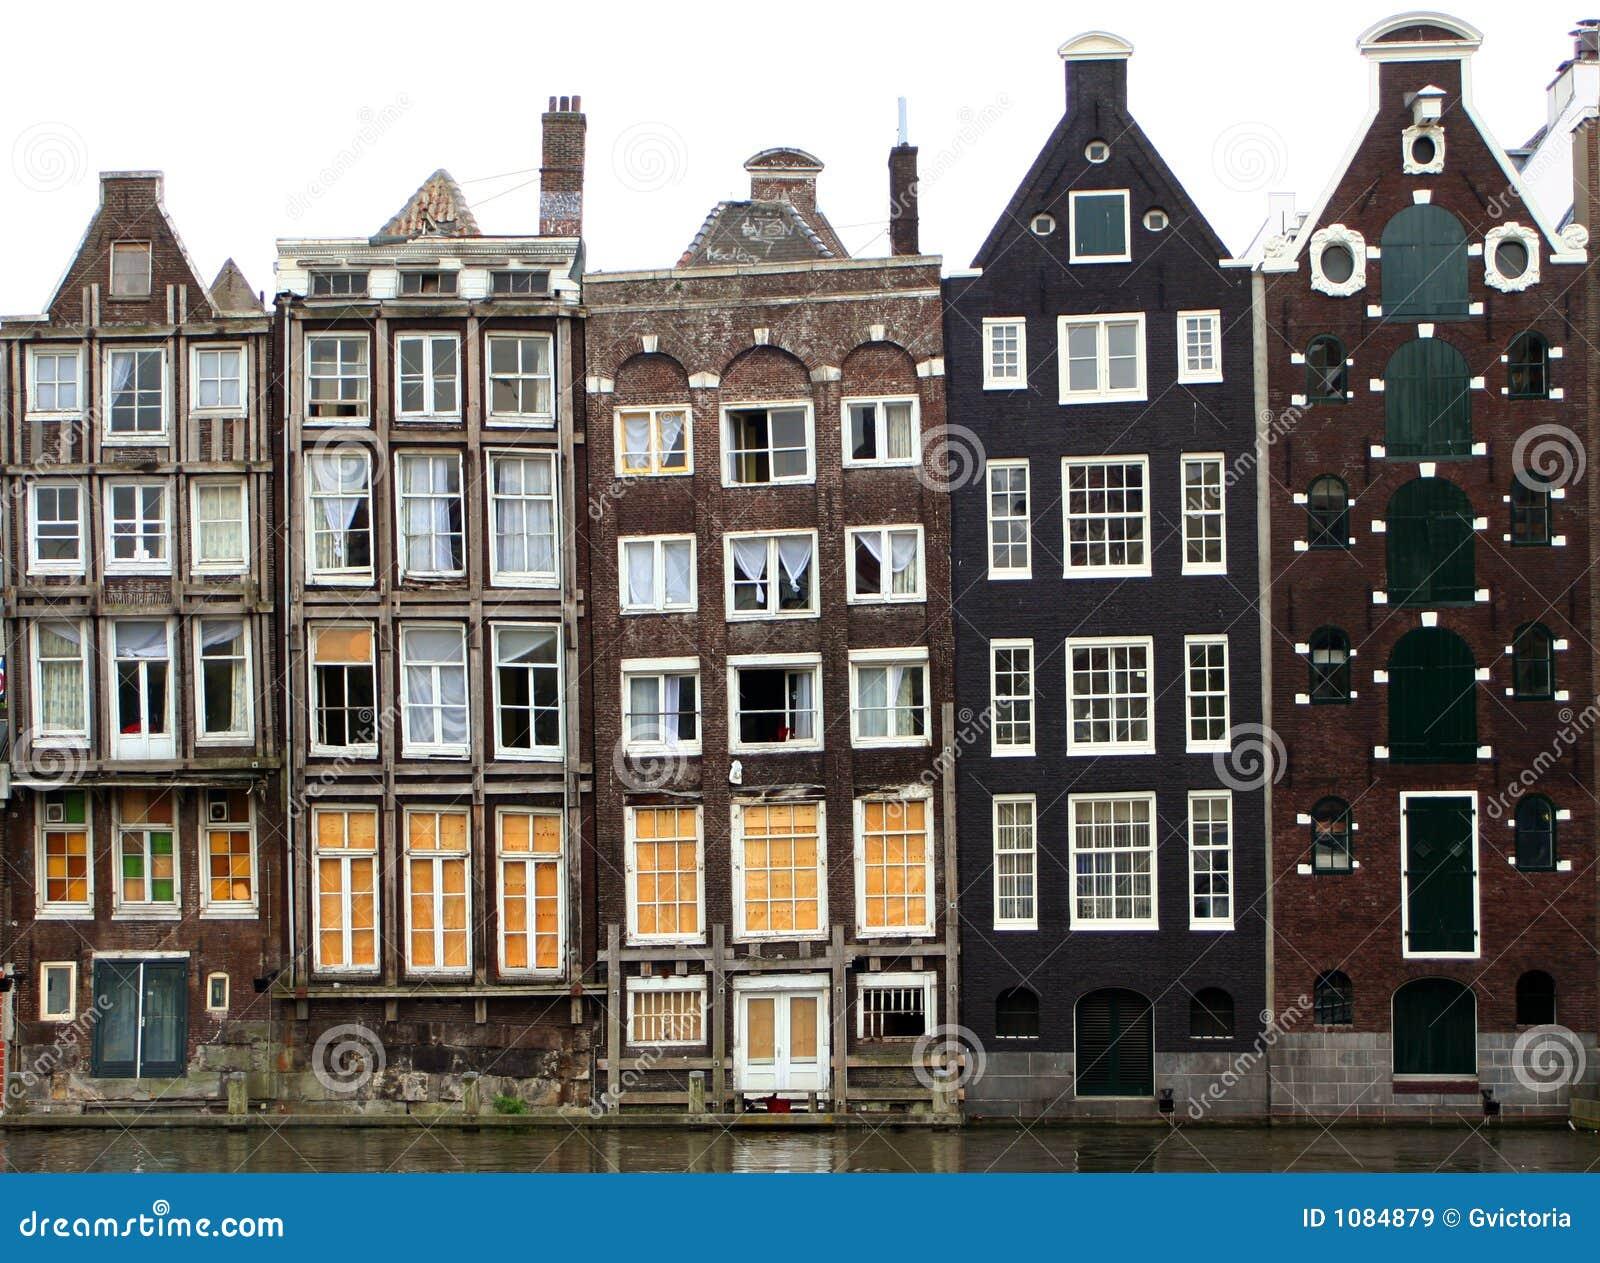 de huizen van amsterdam stock afbeelding afbeelding bestaande uit huizen 1084879